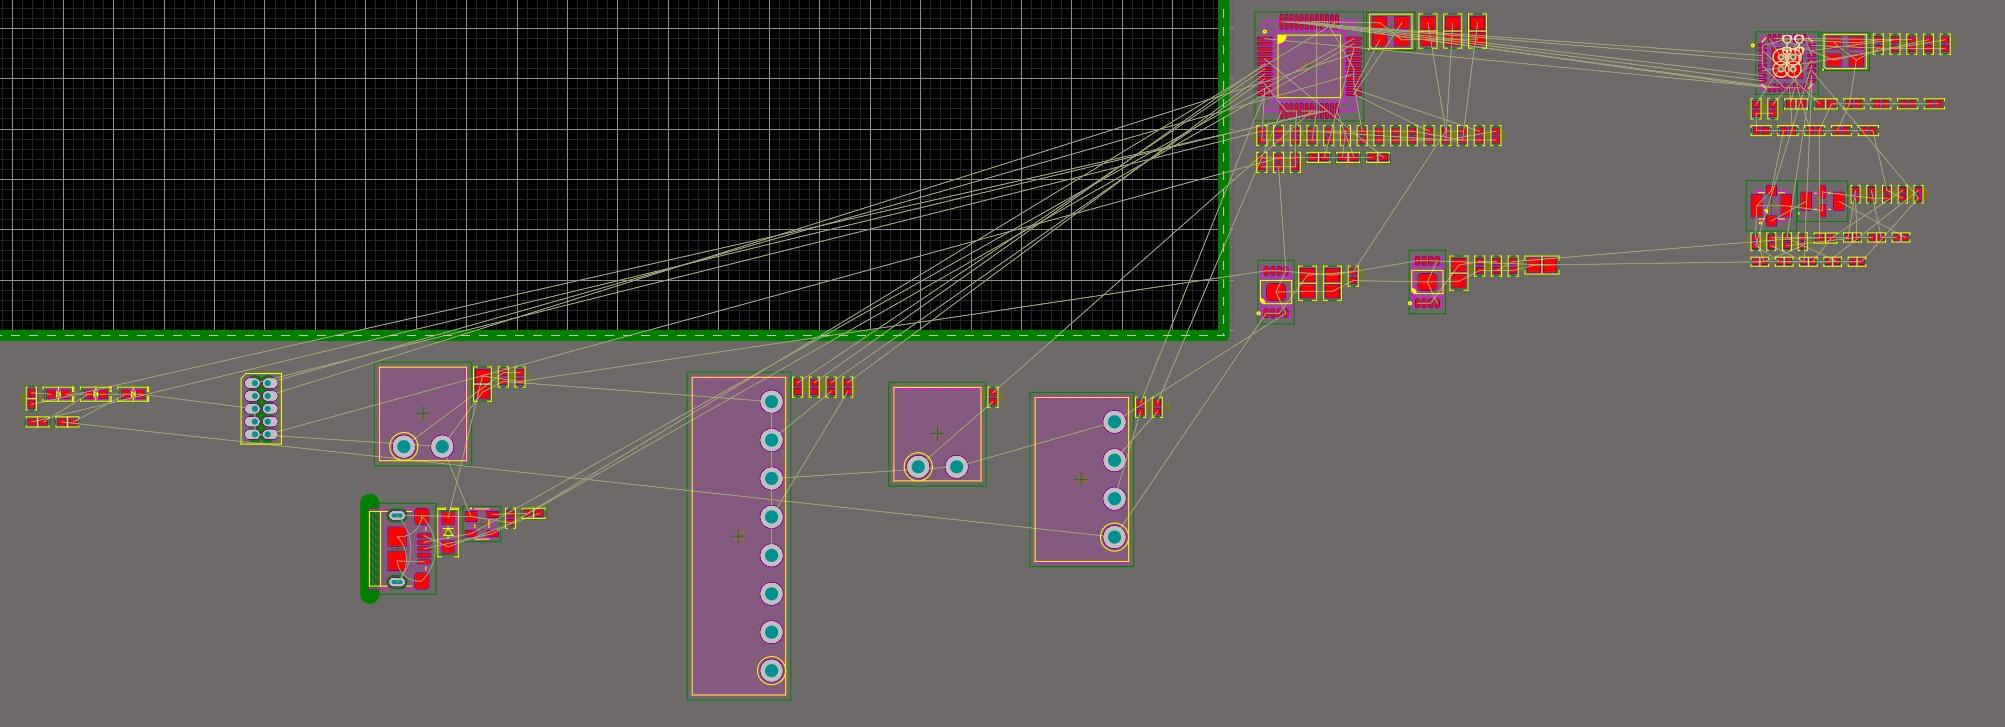 Altium Designer 20 screenshot showing components arranged in logical blocks